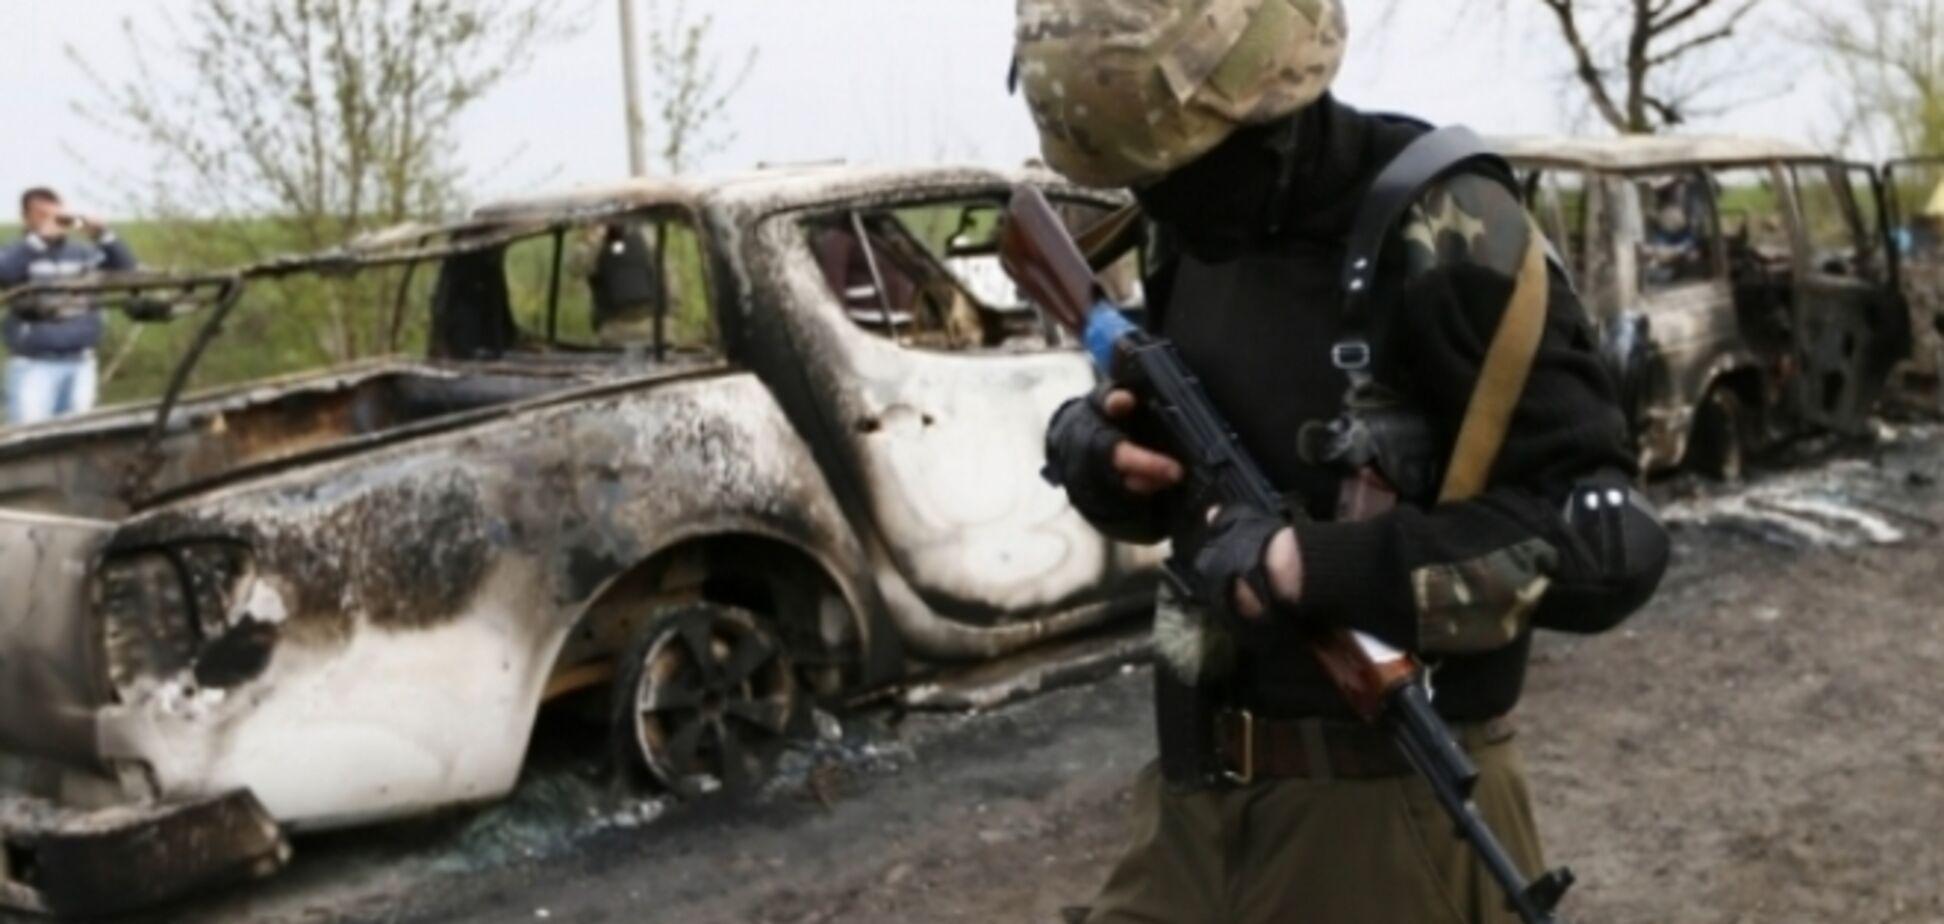 Террористы в зоне АТО попросили о перемирии: хотят вывезти трупы